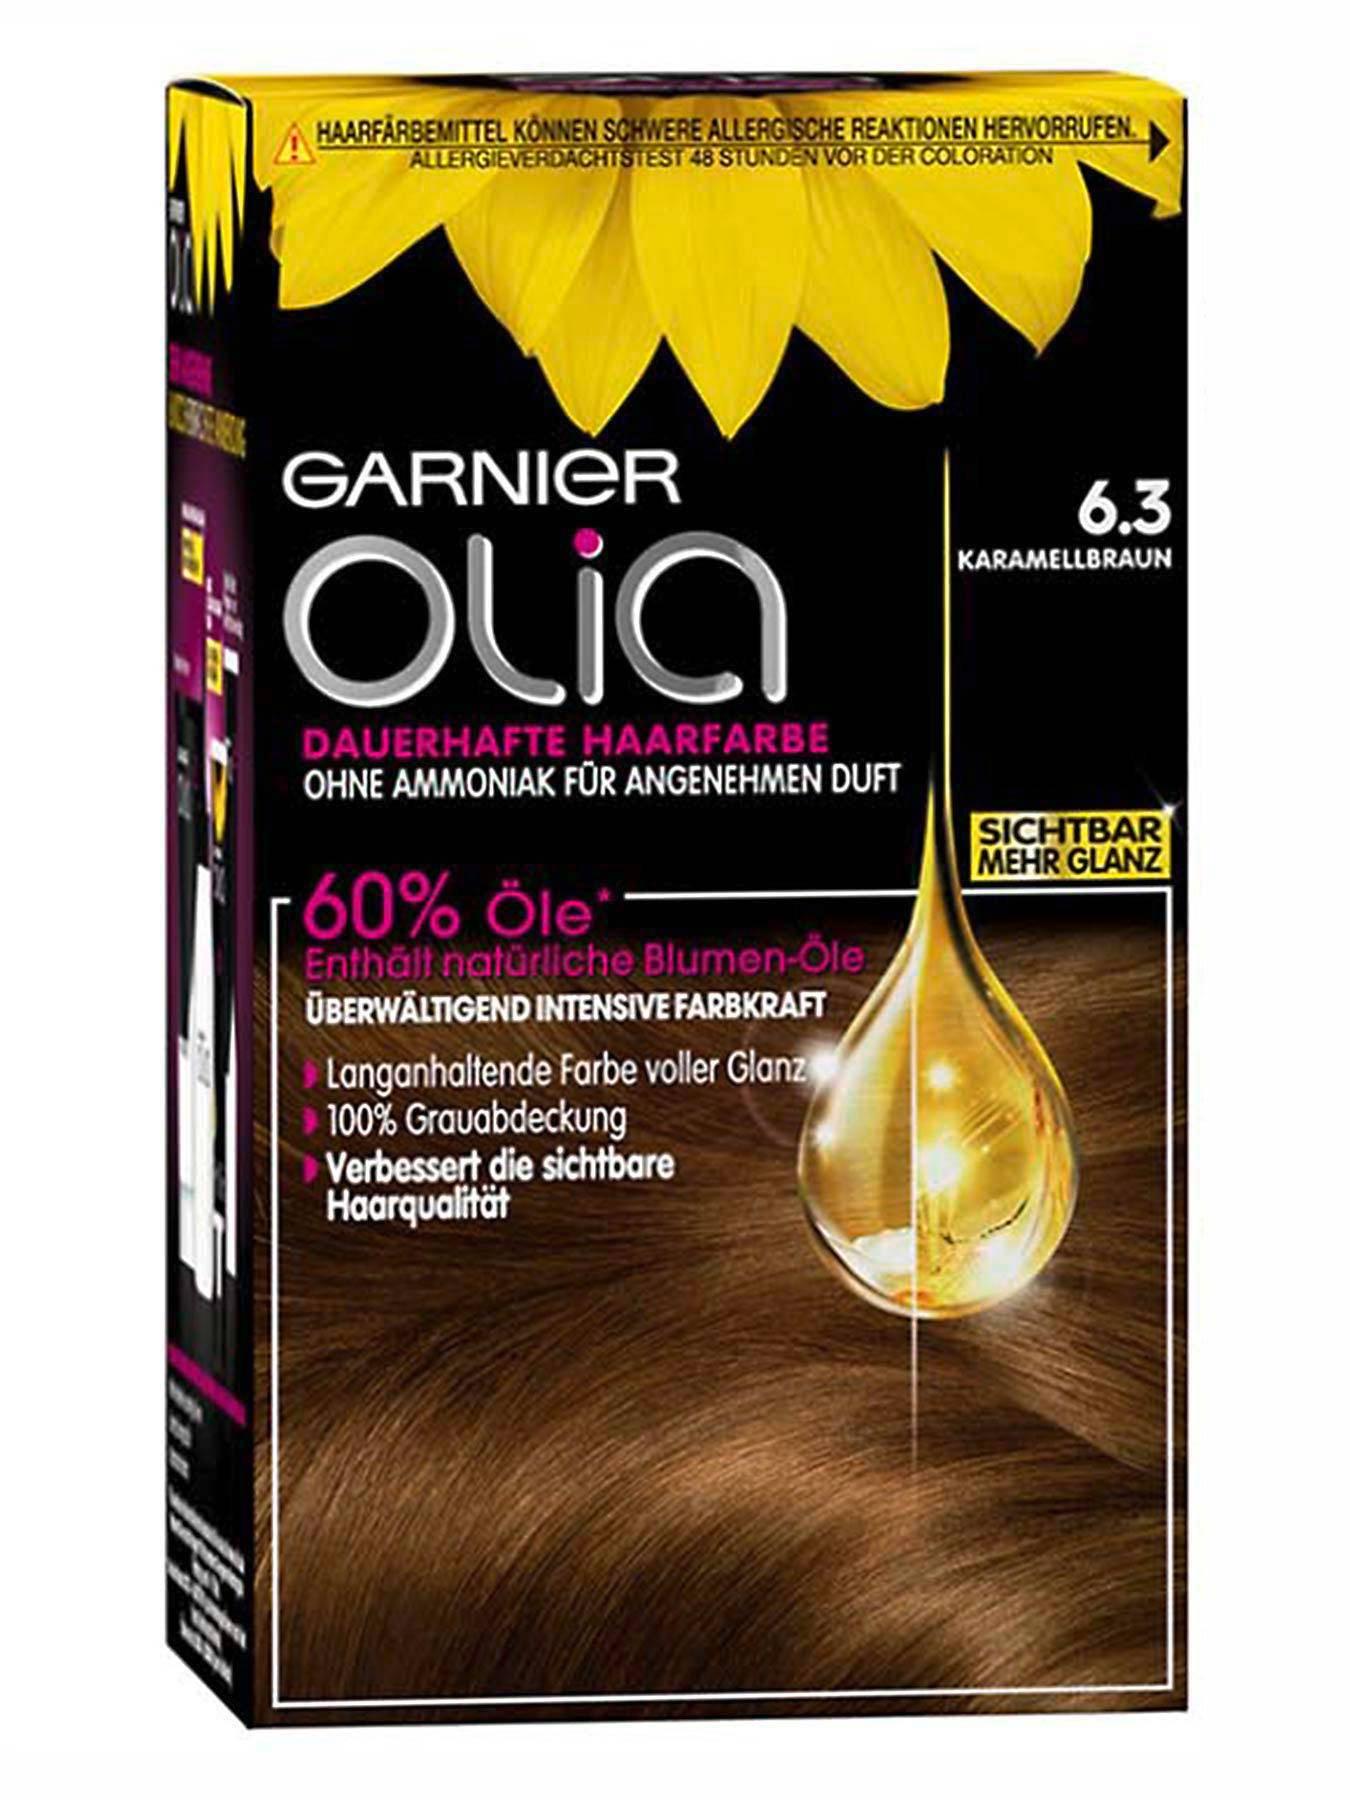 Haarfarbe ohne ammoniak gut